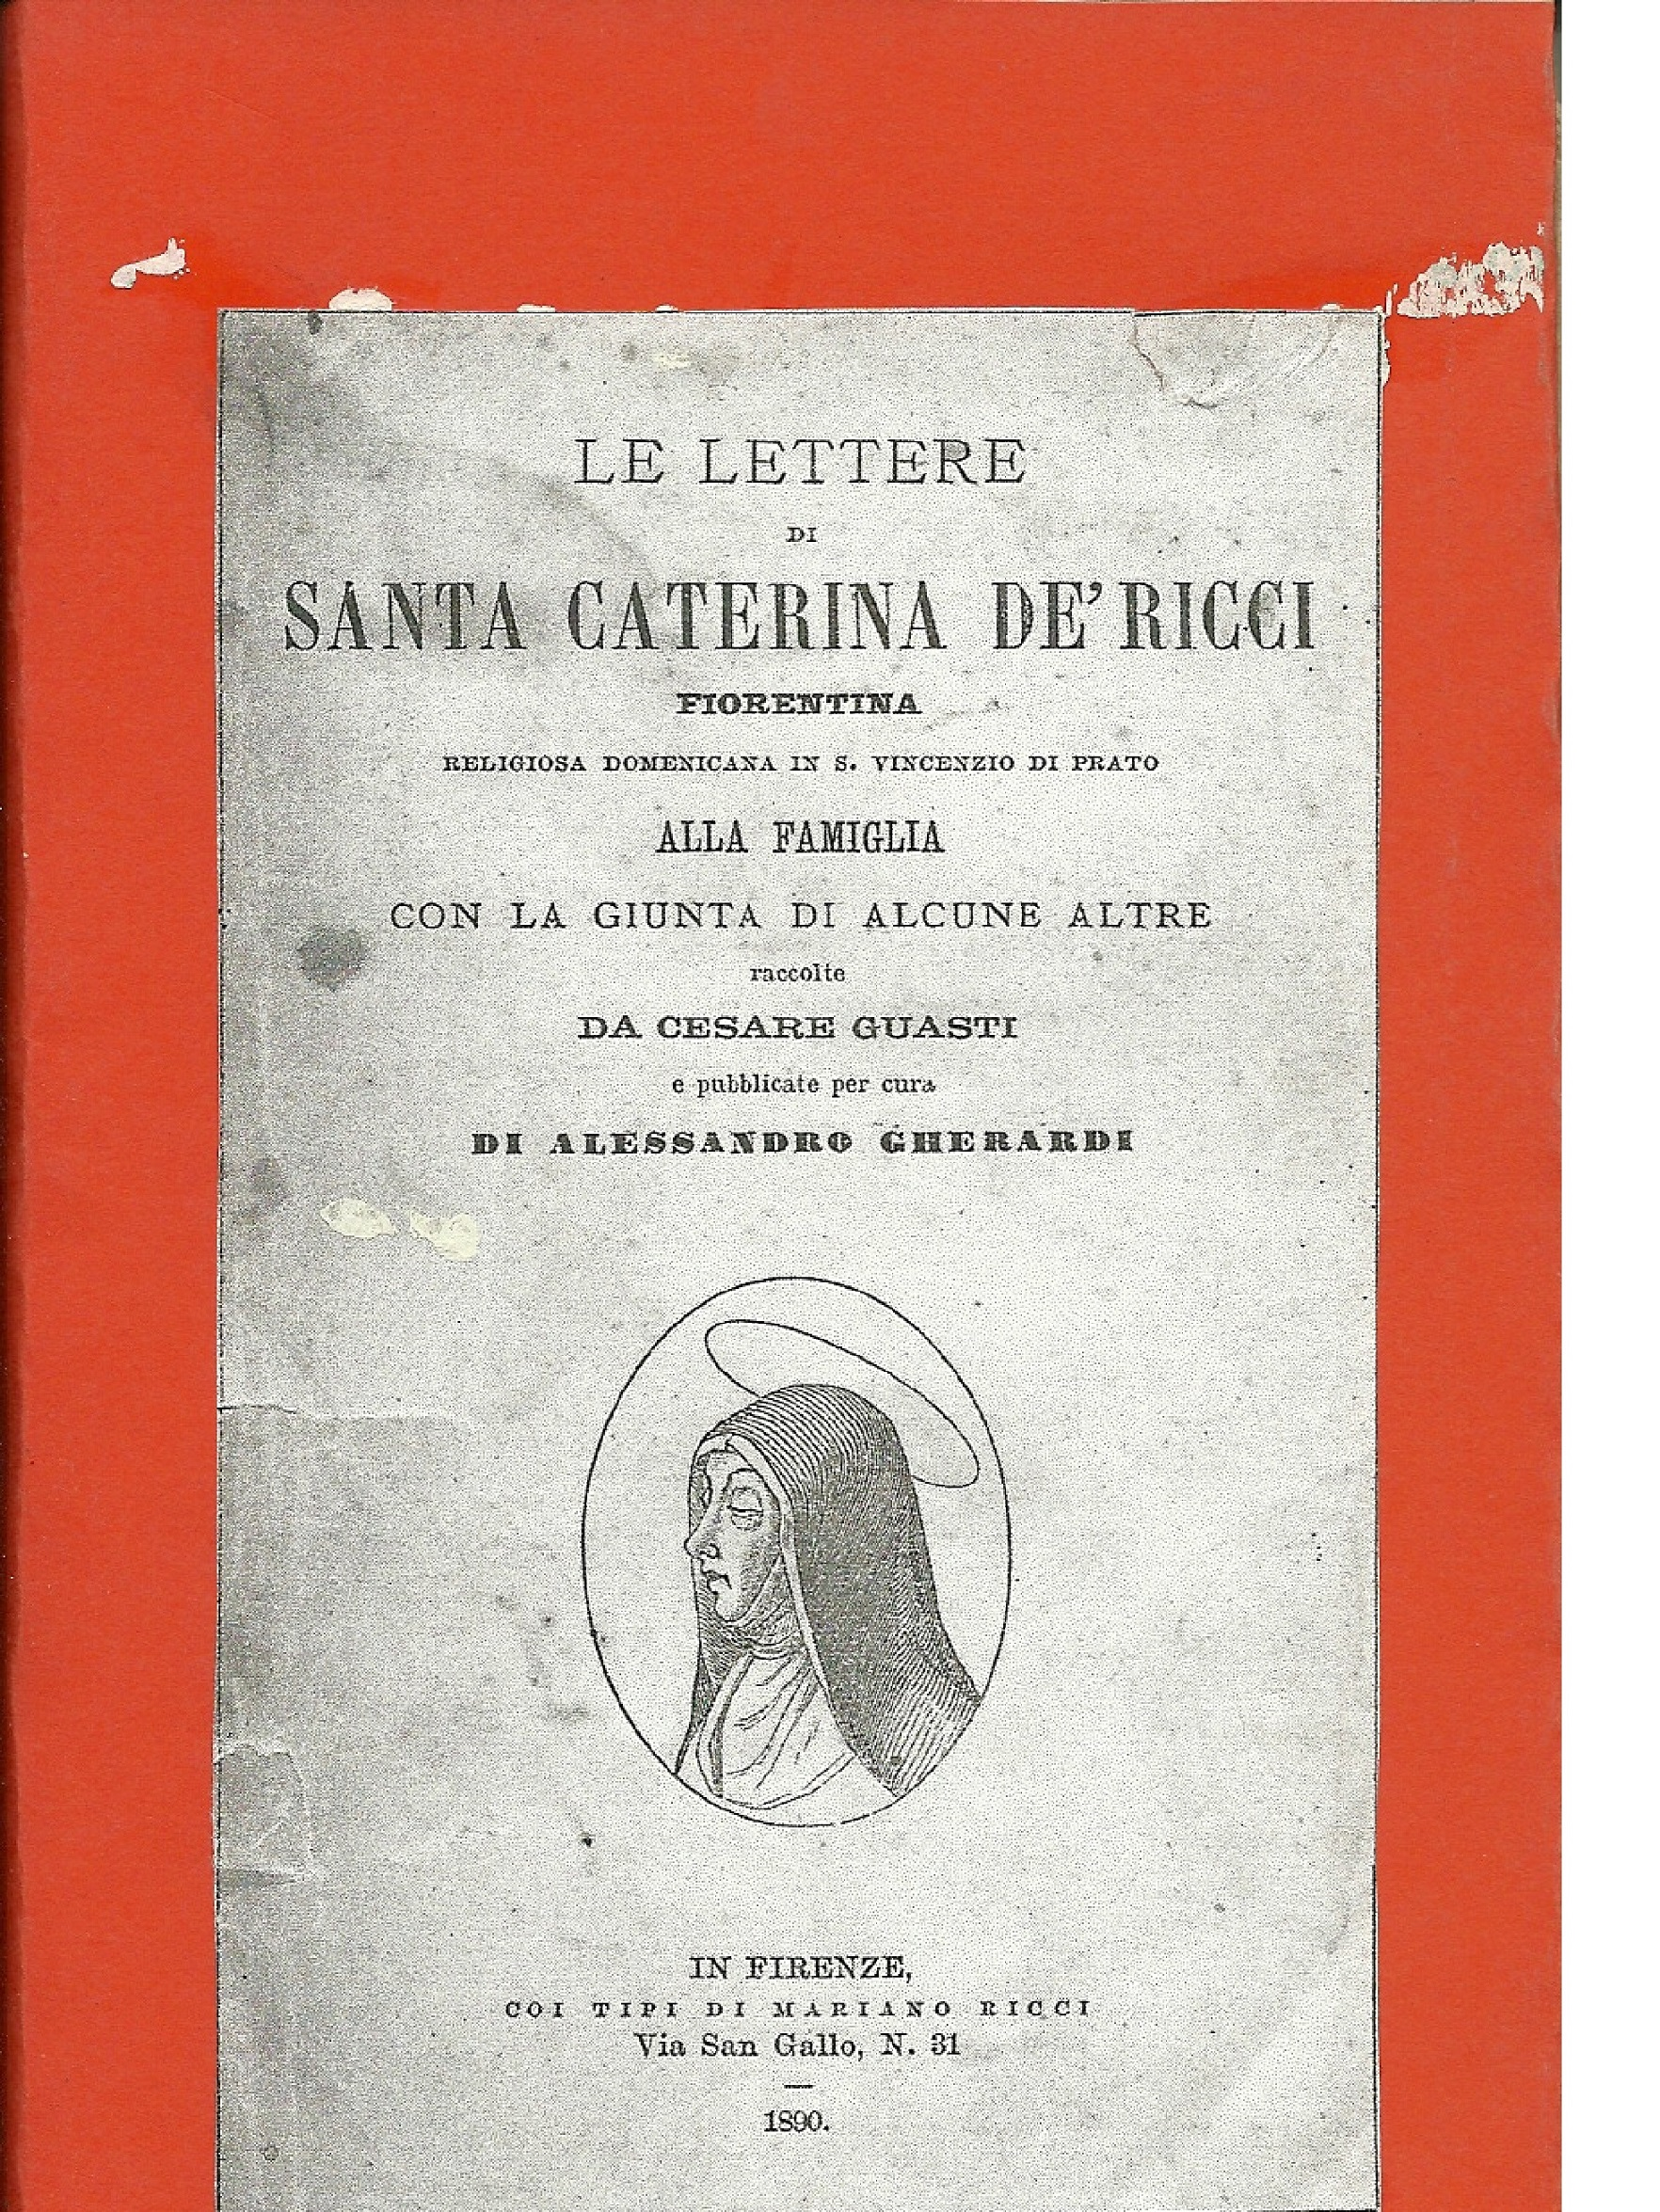 Le lettere alla famiglia con la giunta di alcune altre / di santa caterina de' Ricci ; raccolte da Cesare Guasti e pubblicate per cura di Alessandro Gherardi